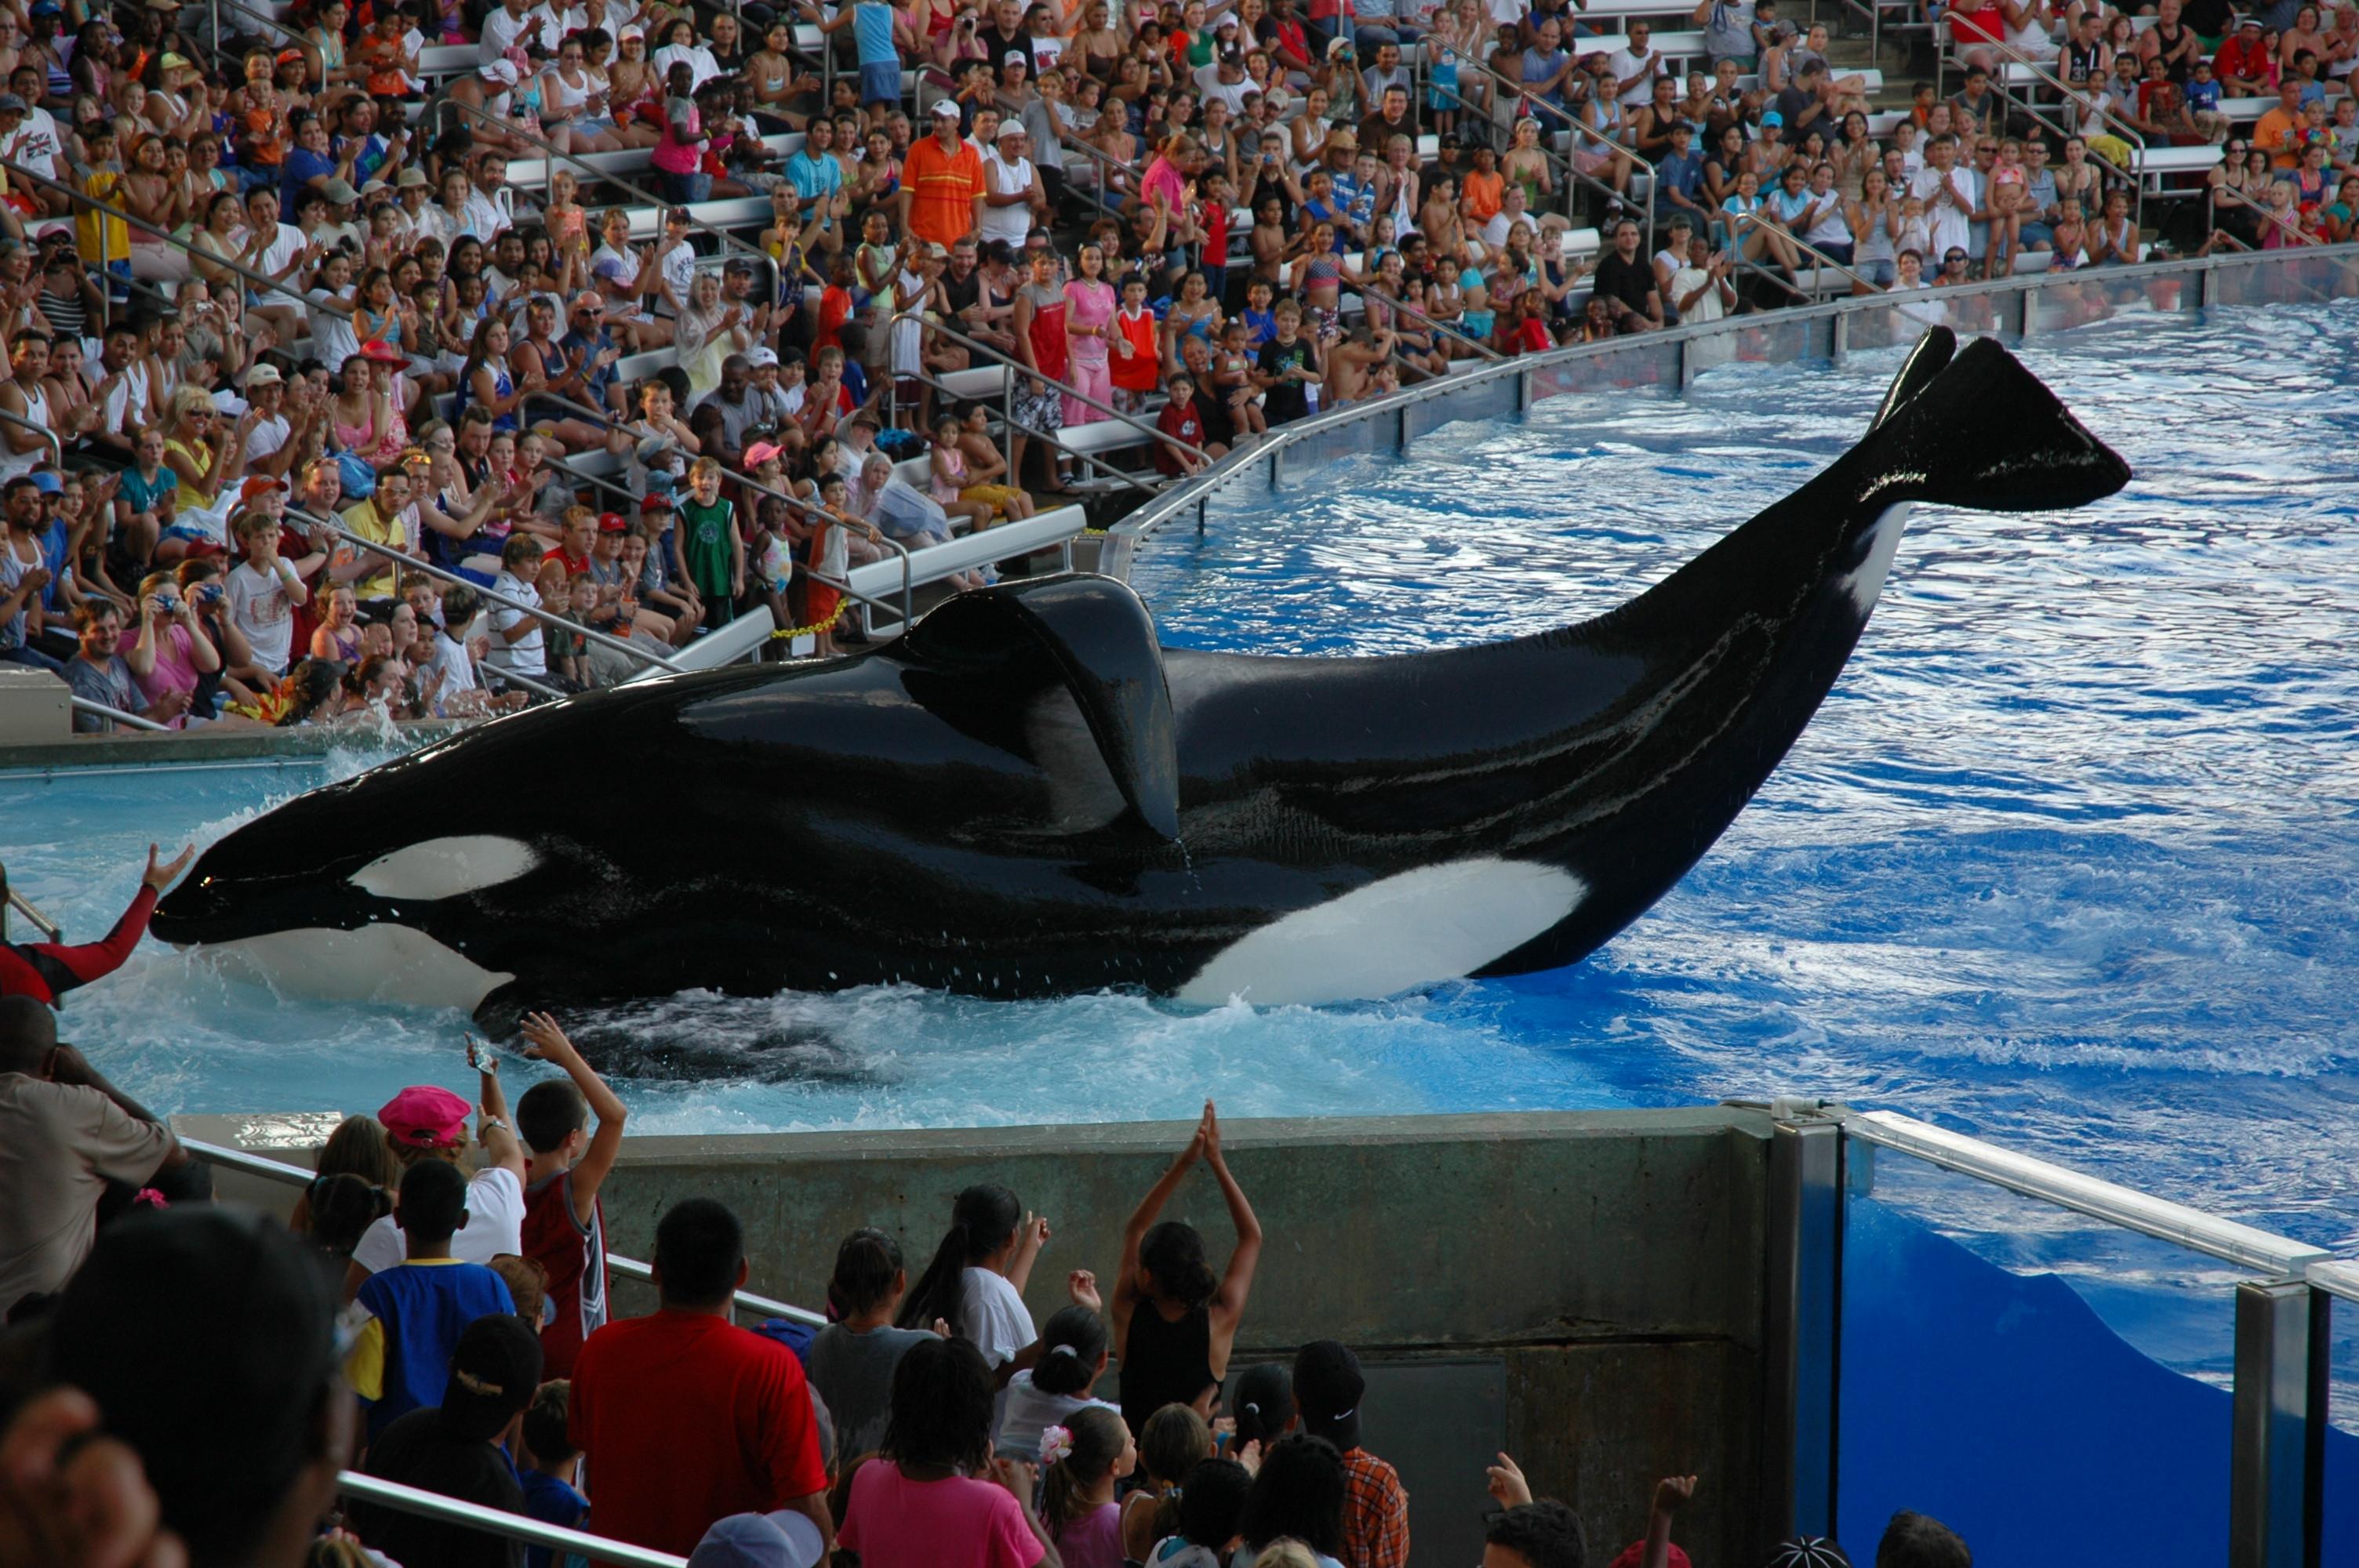 Shamu_Stadium_SeaWorld_Orlando_Florida